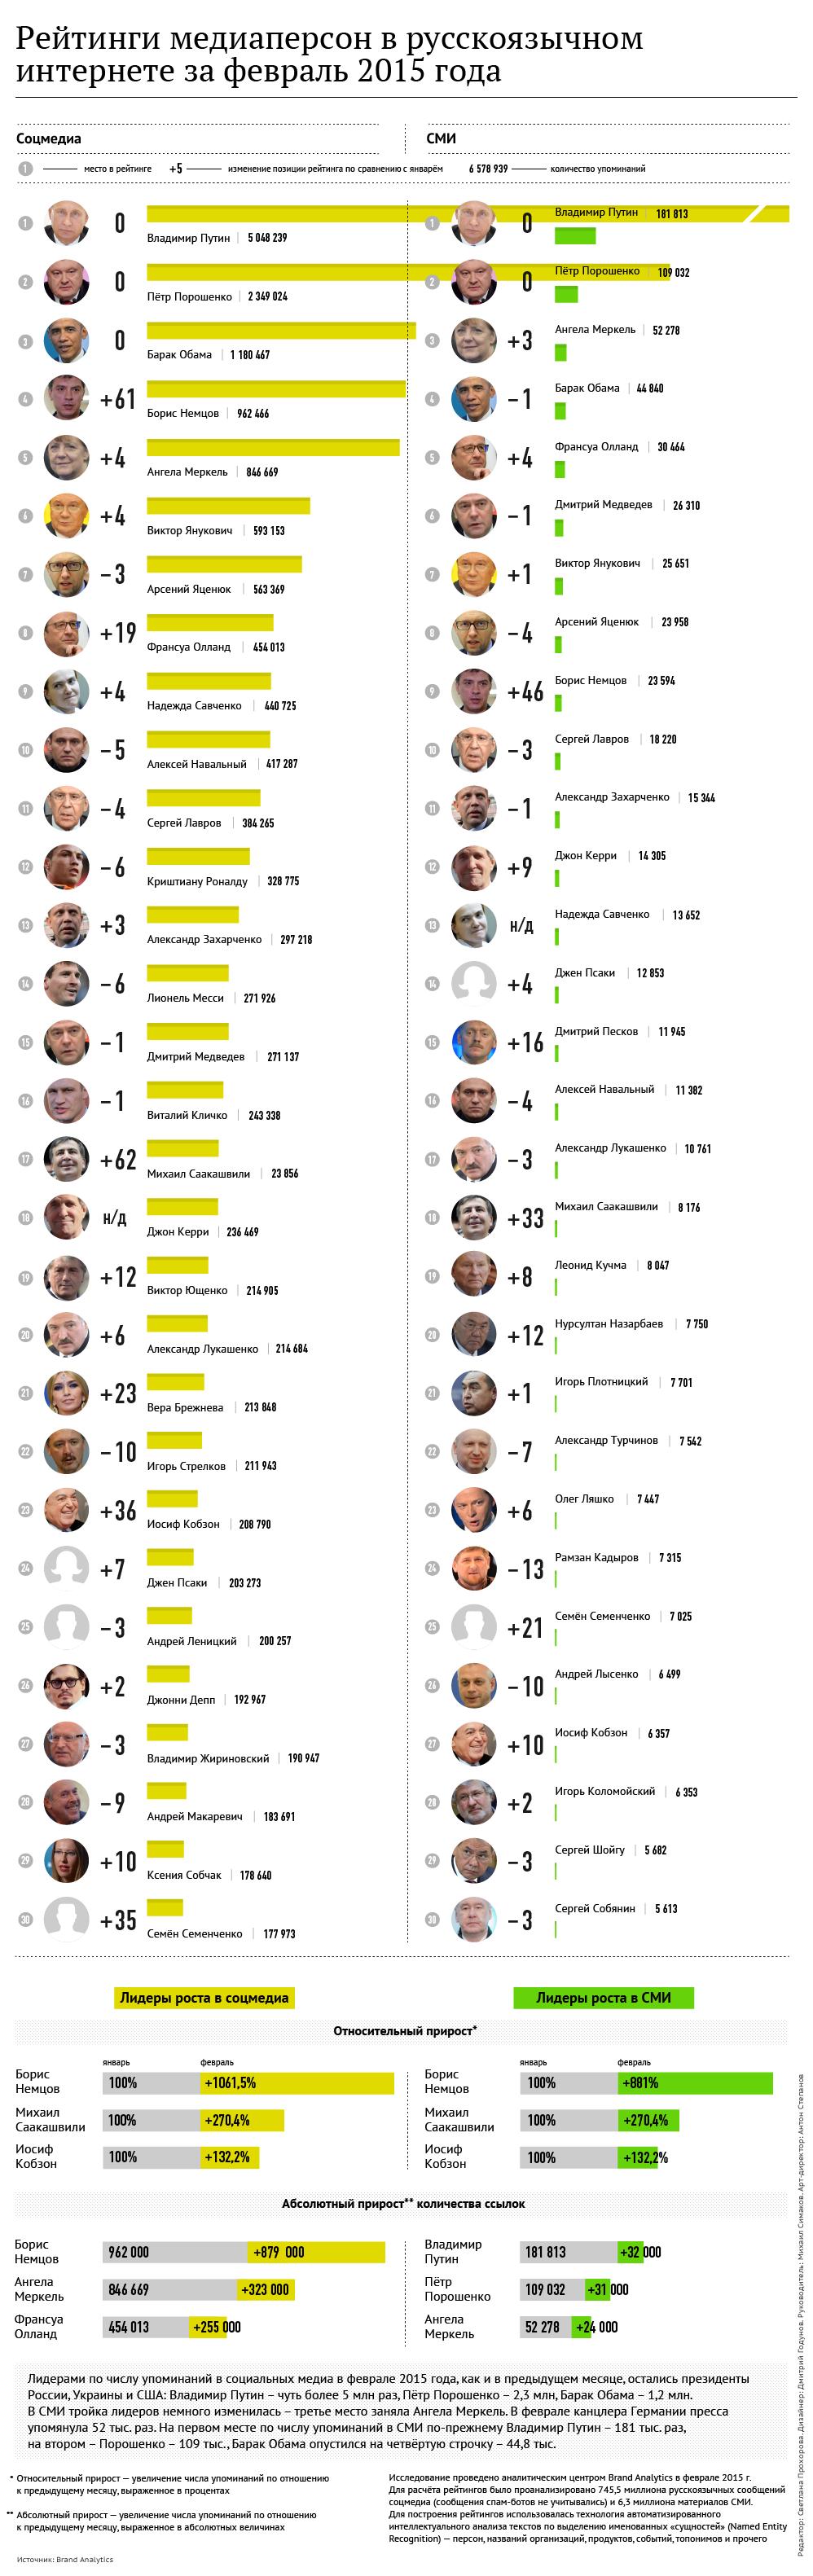 Рейтинги медиаперсон в русскоязычном интернете за февраль 2015 года